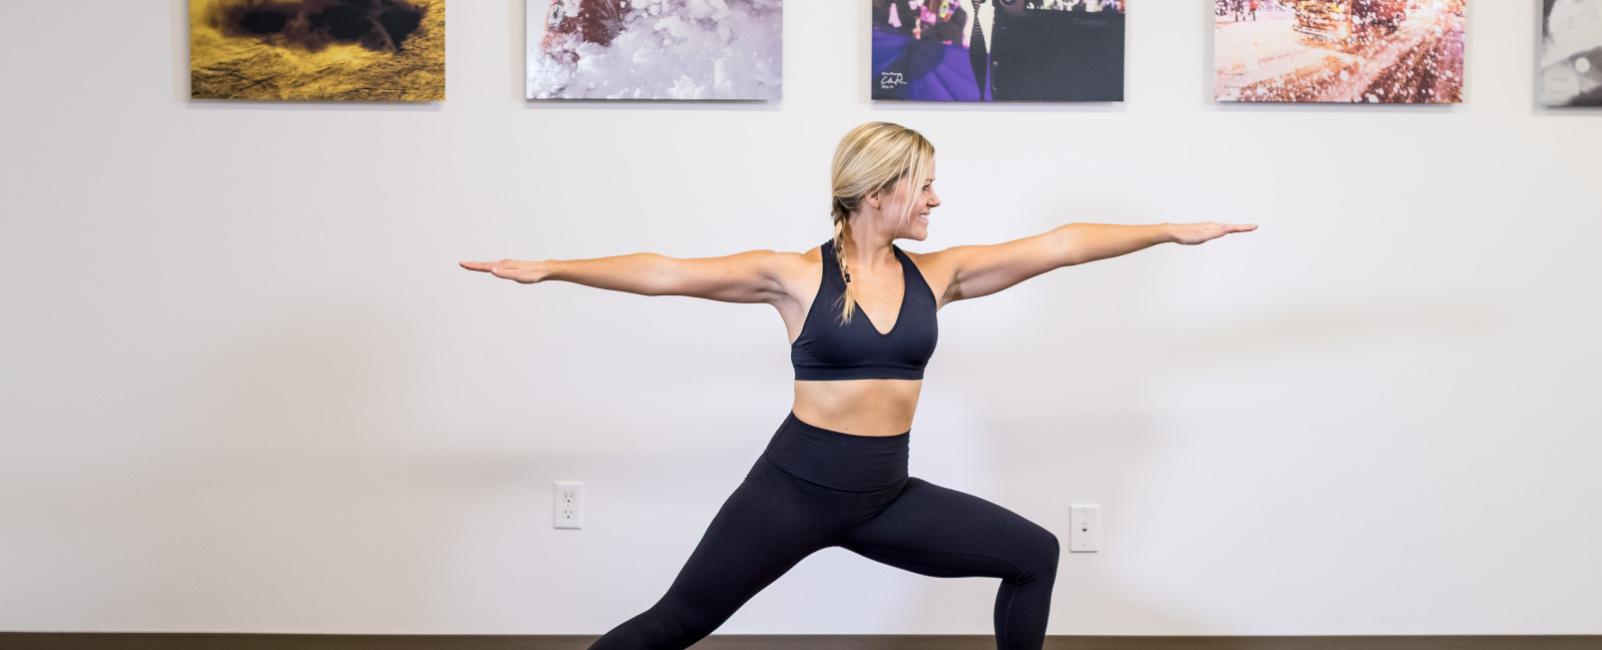 Yoga with Benefits!